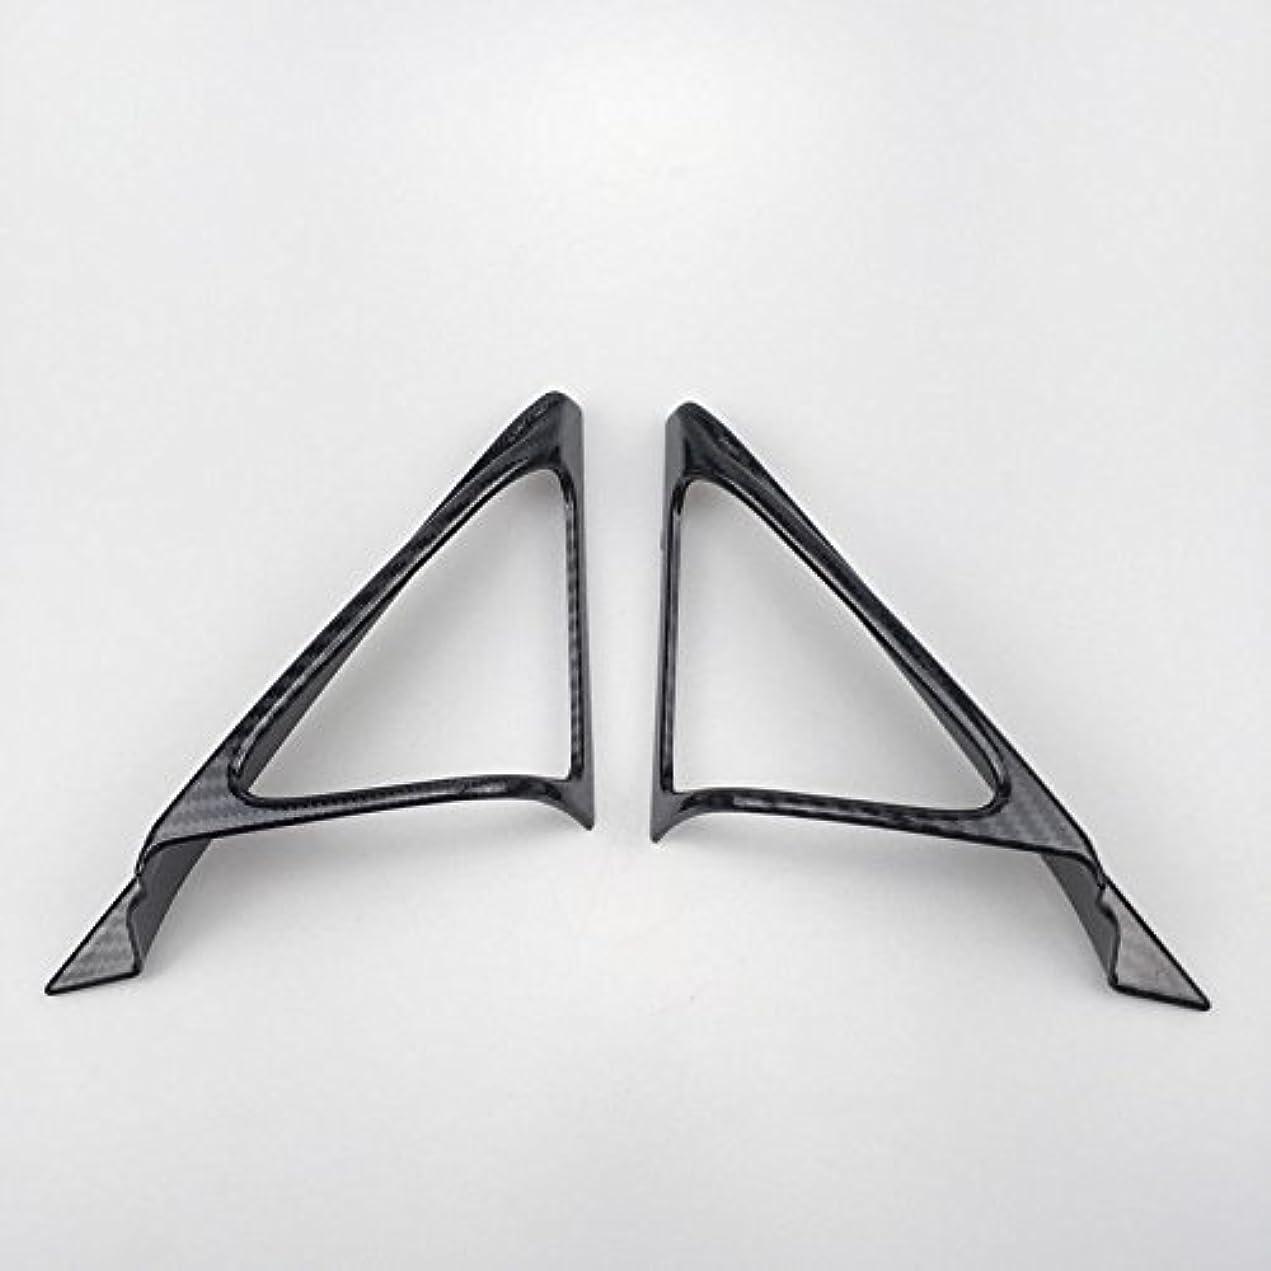 苦しむトピックエネルギーJicorzo - 2pcs ABS Plastic A Pillar Triangle Cover Trim For Honda Accord Tenth generation 2018 Car Interior Accessories...